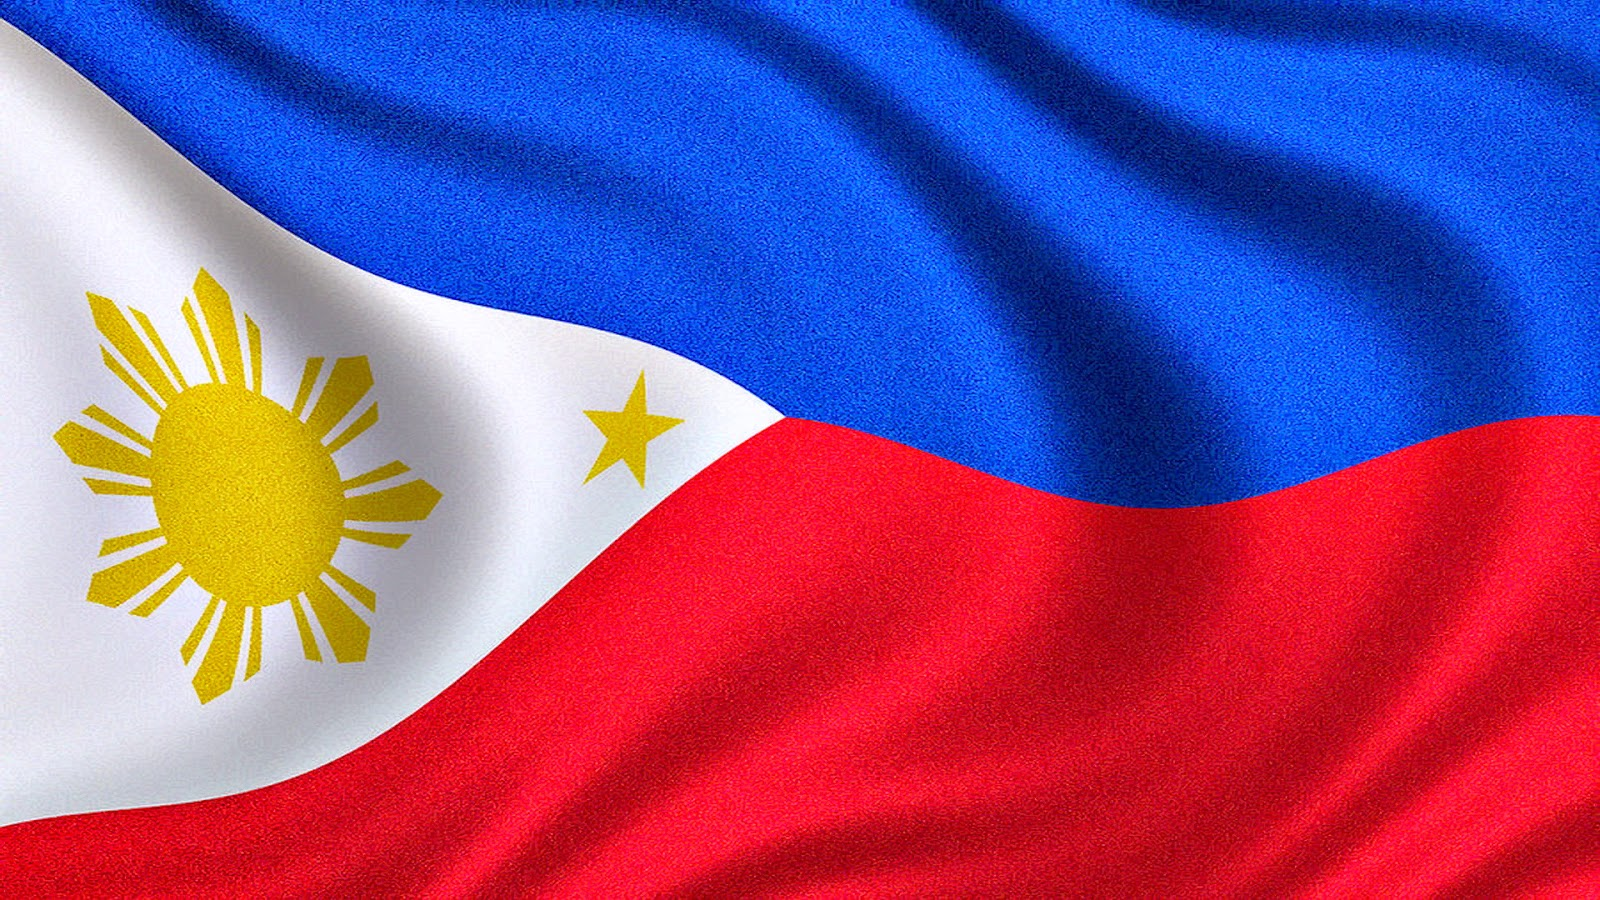 Kalayaan ng buhay - Philippine flag images ...